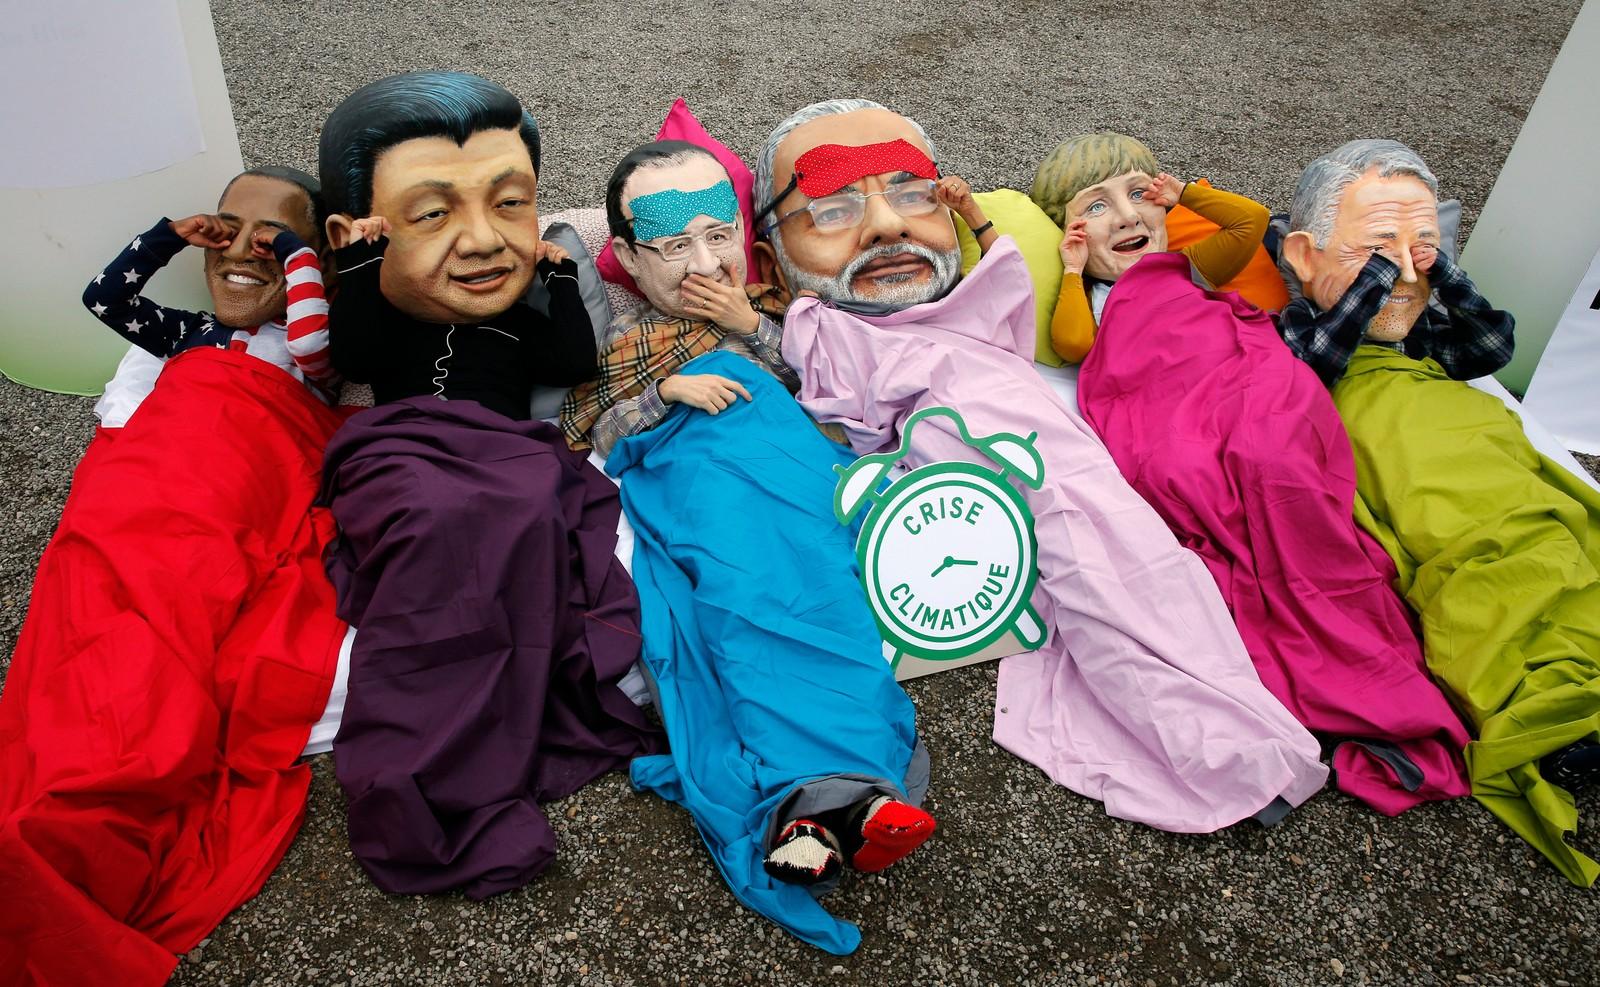 Liggende demonstranter på gata i Paris i forbindelse med klimatoppmøtet i byen. Oxfam-aktivistene bærer maskene til (f.v) USAs president Barack Obama, Kinas president Xi Jinping, Frankrikes president Francois Hollande, Indias statsminister Narendra Modi, Tysklands forbundskansler Angela Merkel og Australias statsminister Malcolm Turnbull.